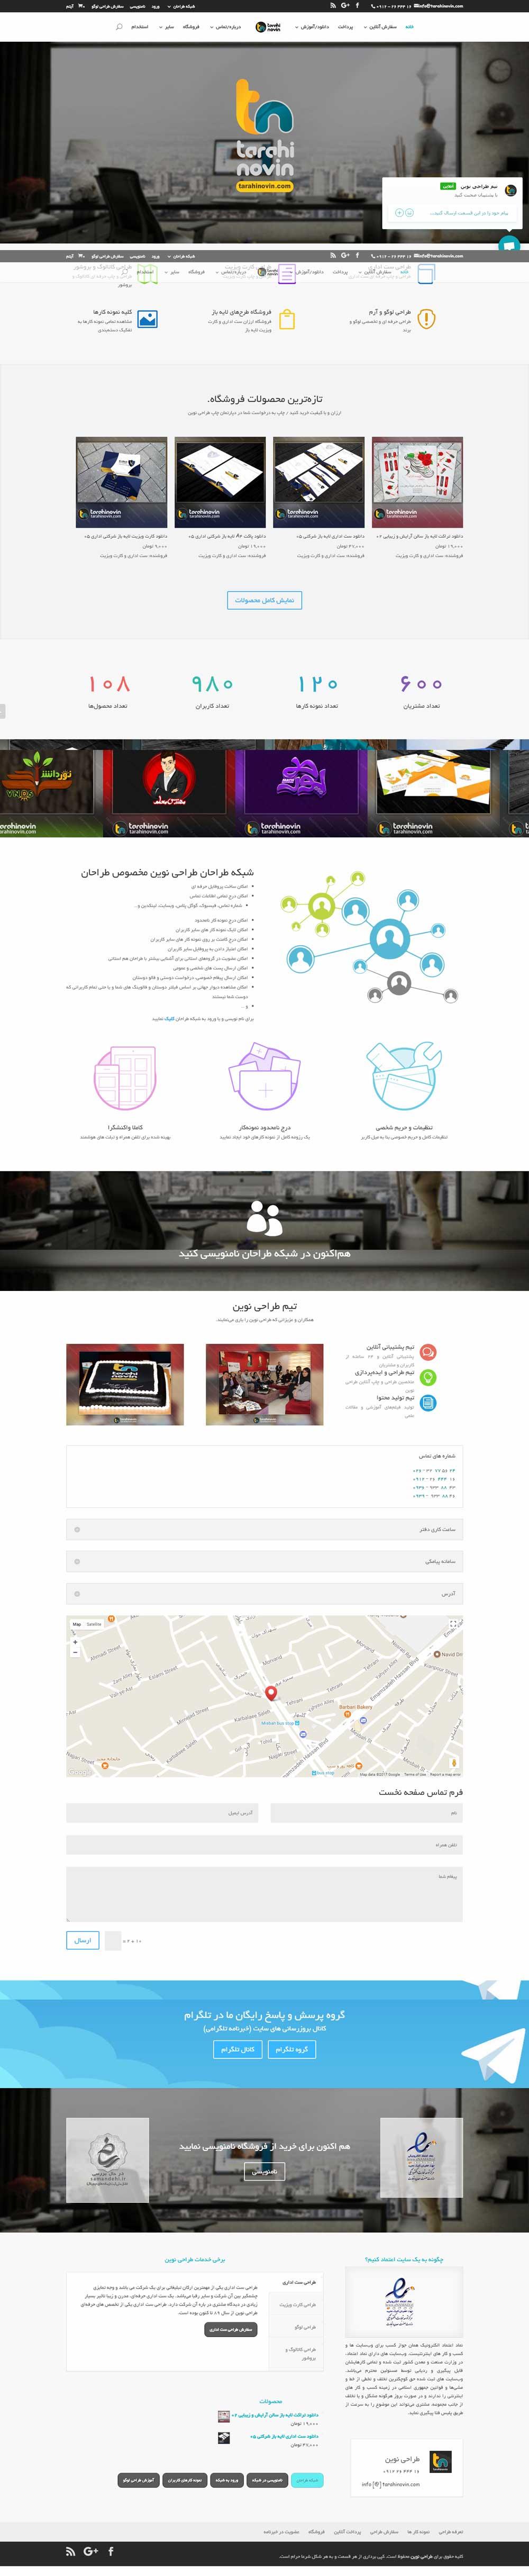 وبسایت شرکتی در کرج